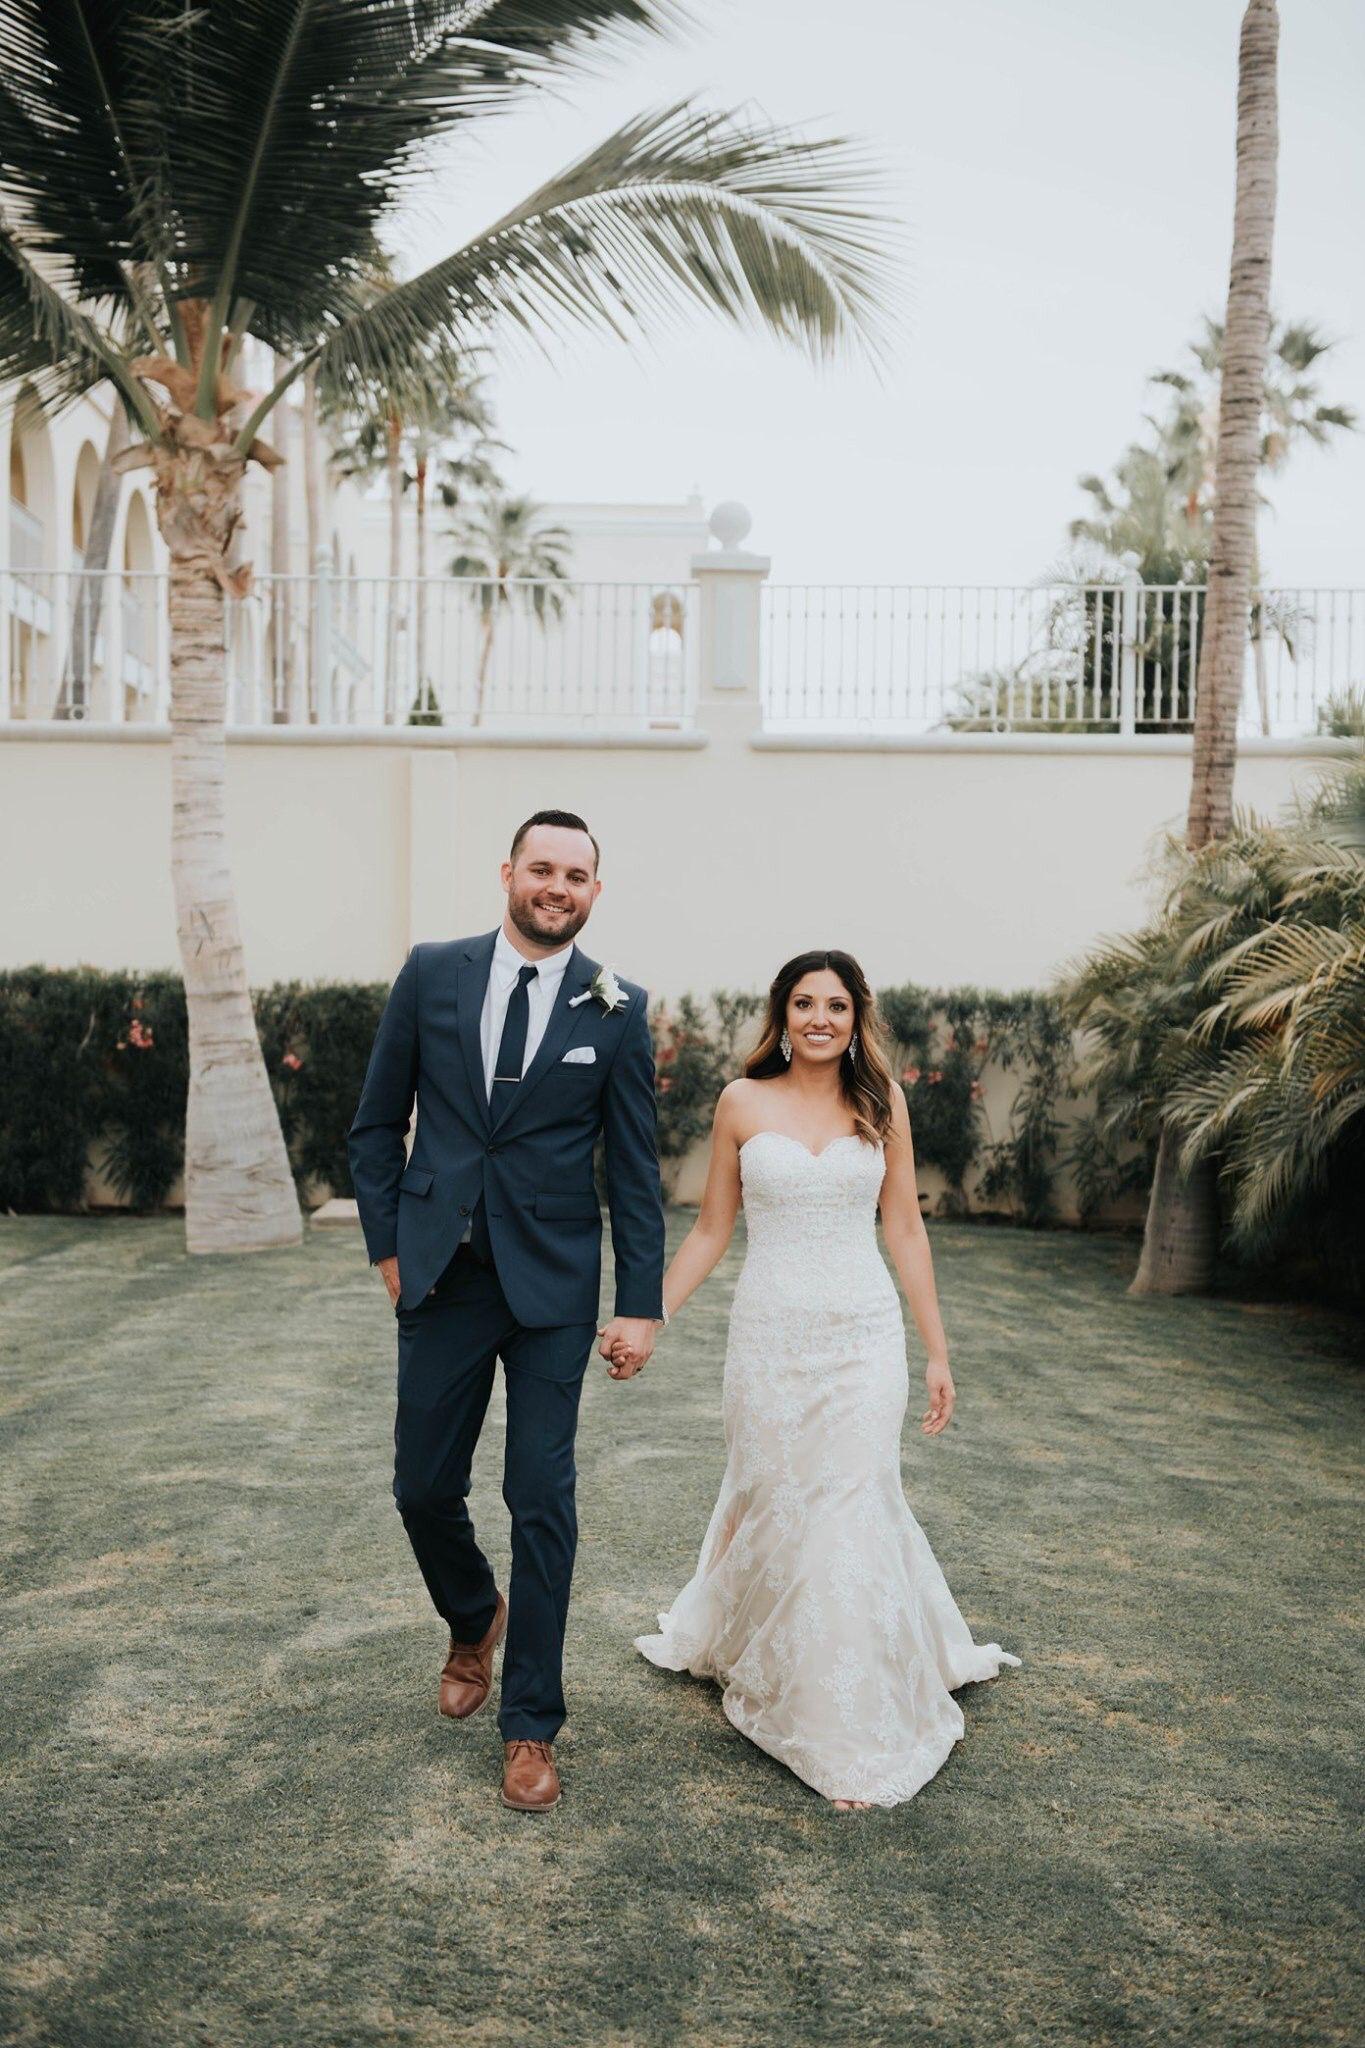 Destination Wedding Photography Cabo san lucas weddings